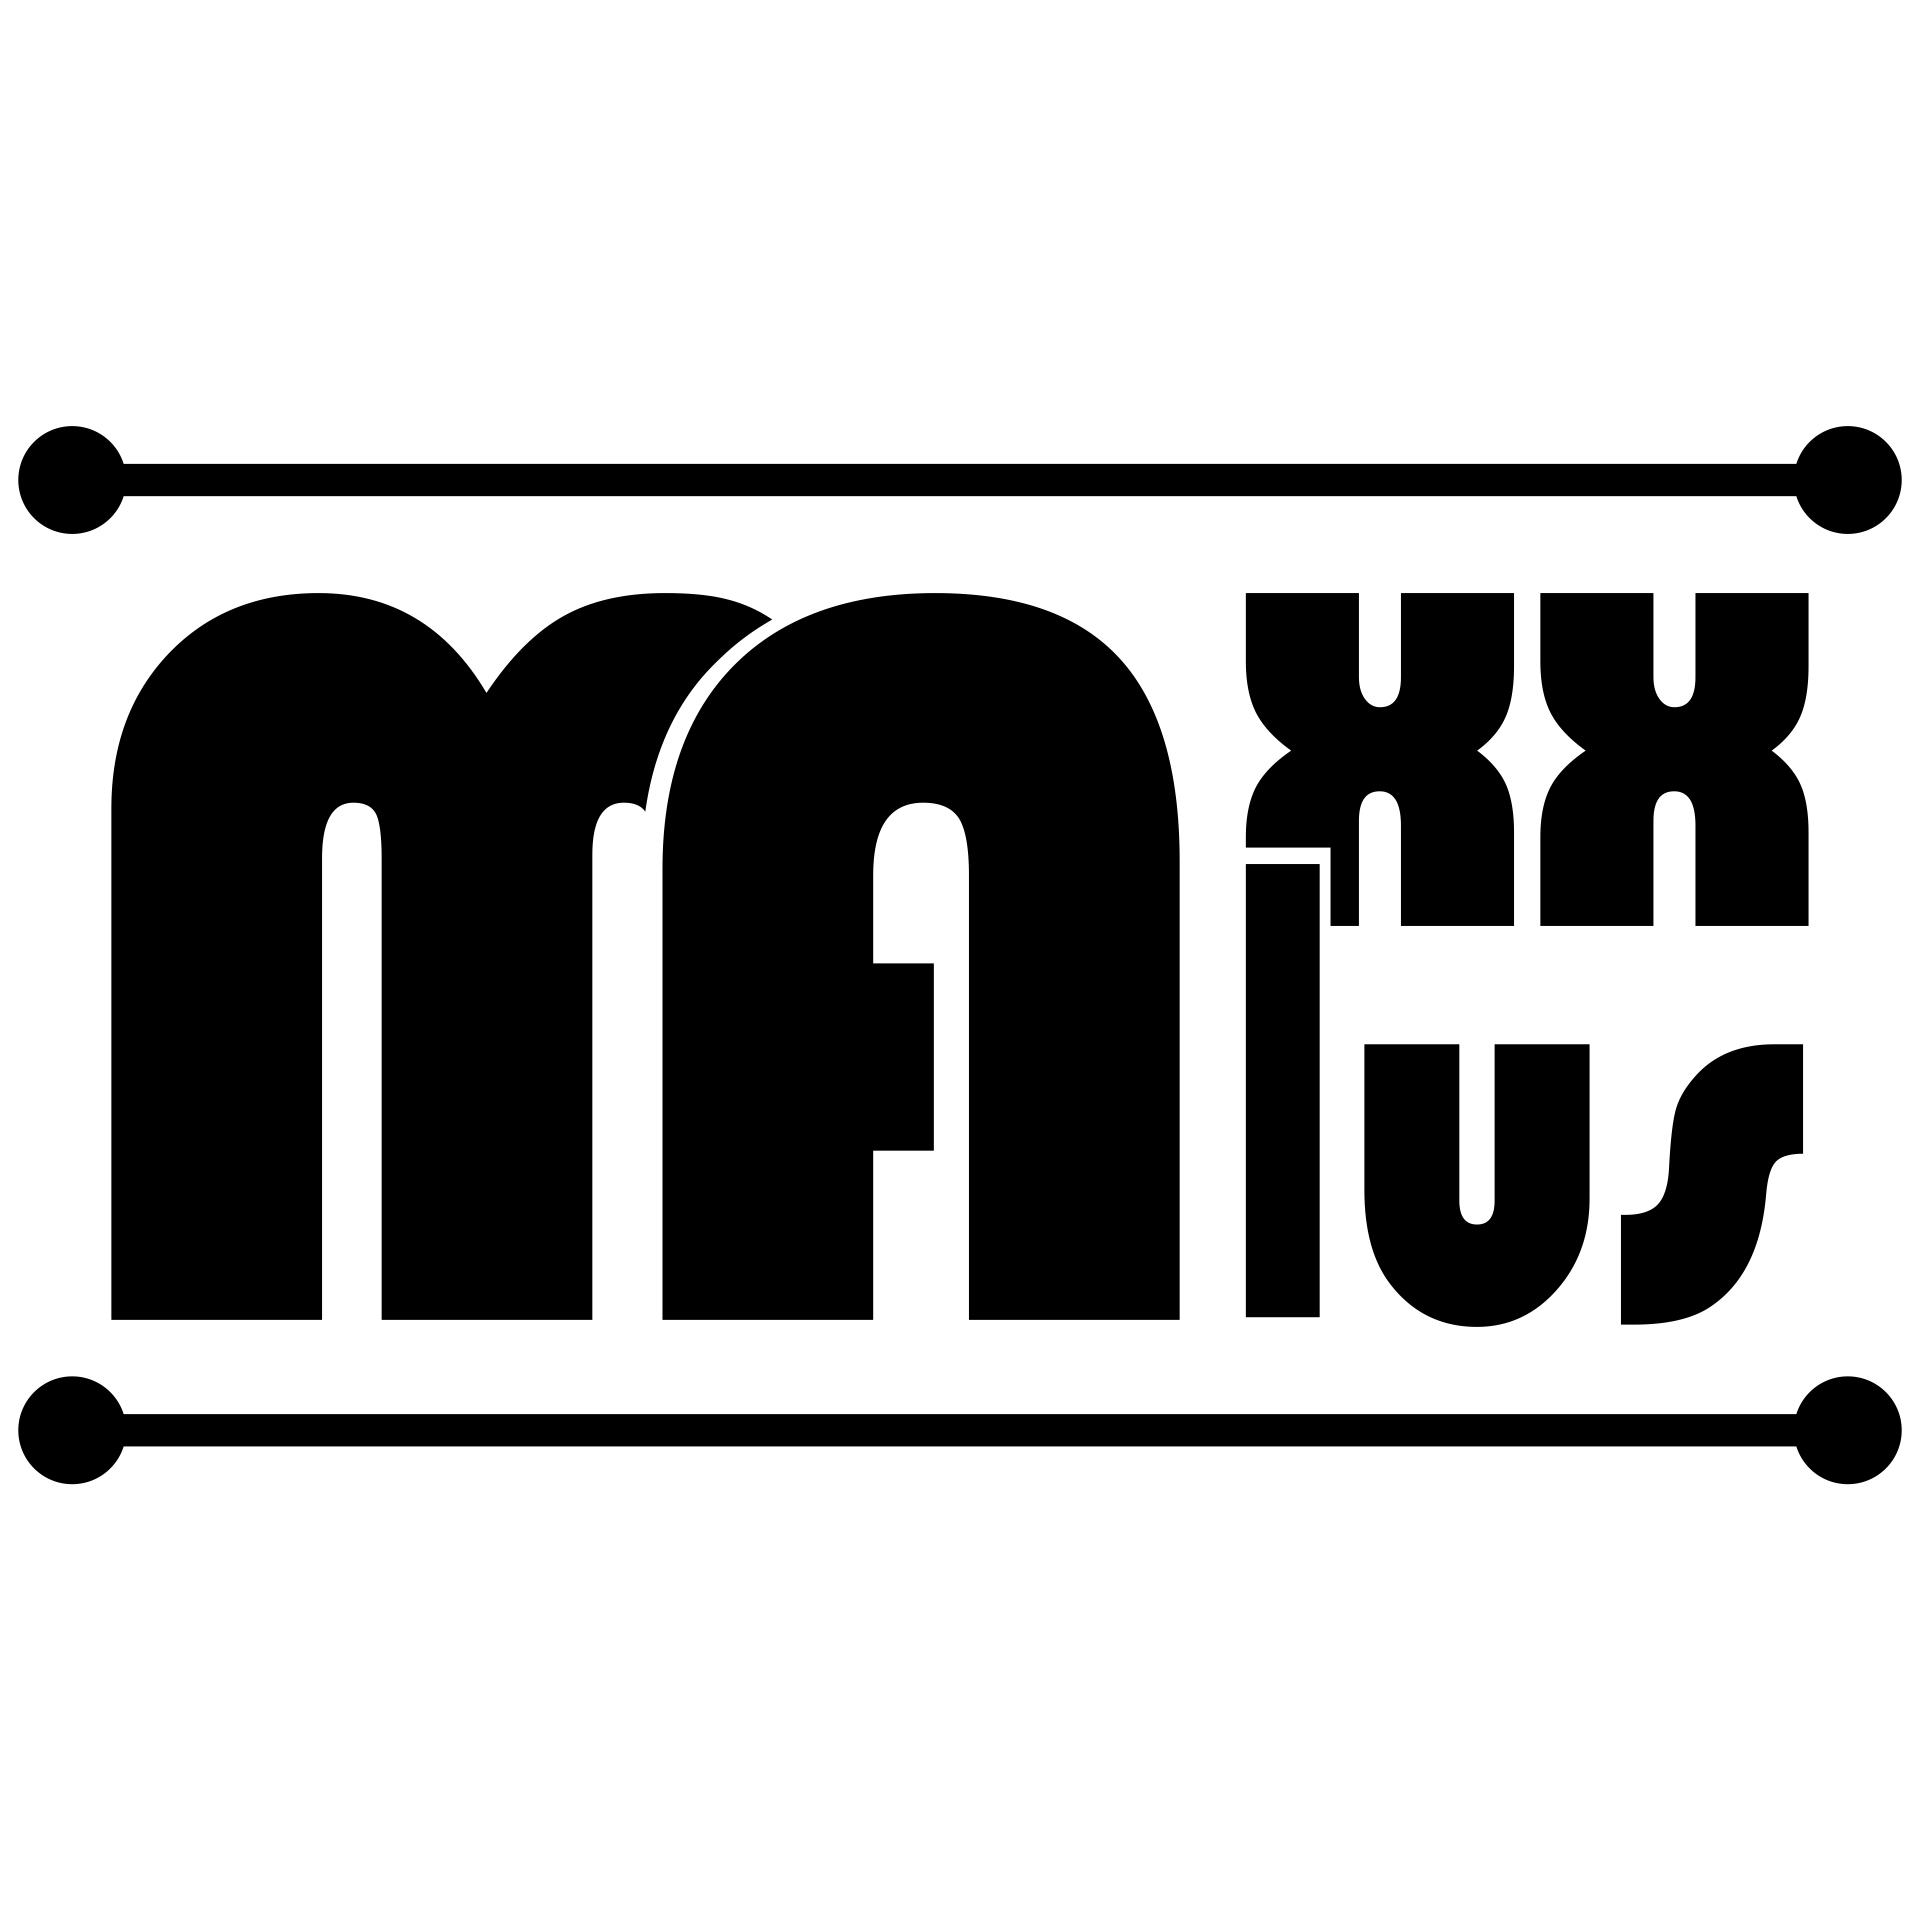 Логотип для нового бренда повседневной посуды фото f_5055b9d0758223a8.jpg